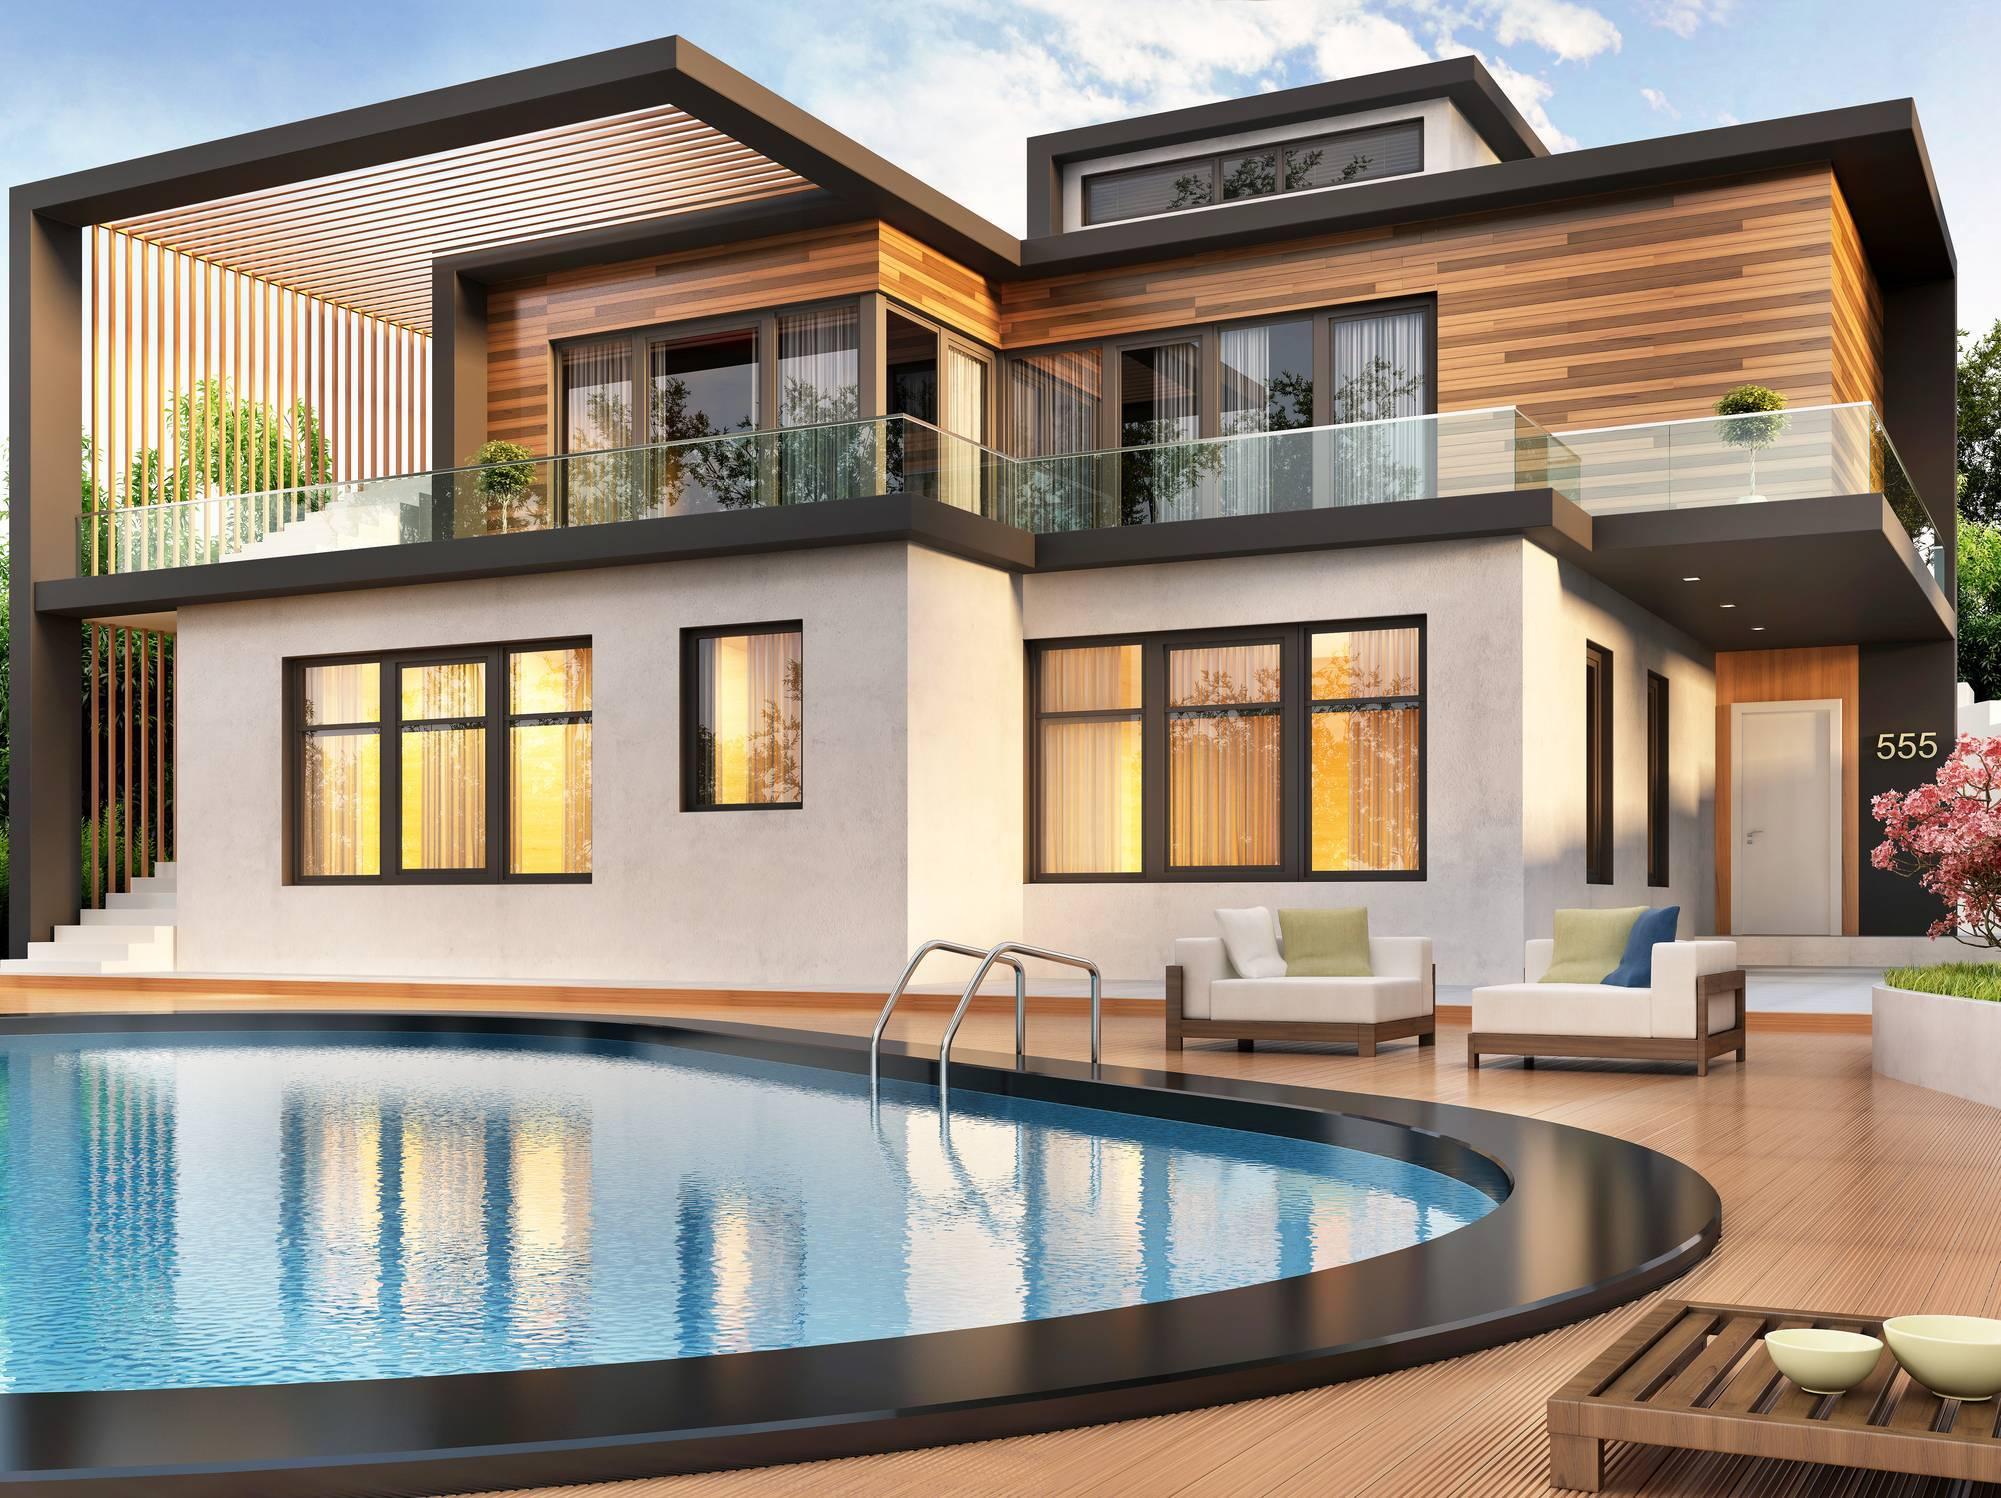 Choisir une piscine en bois